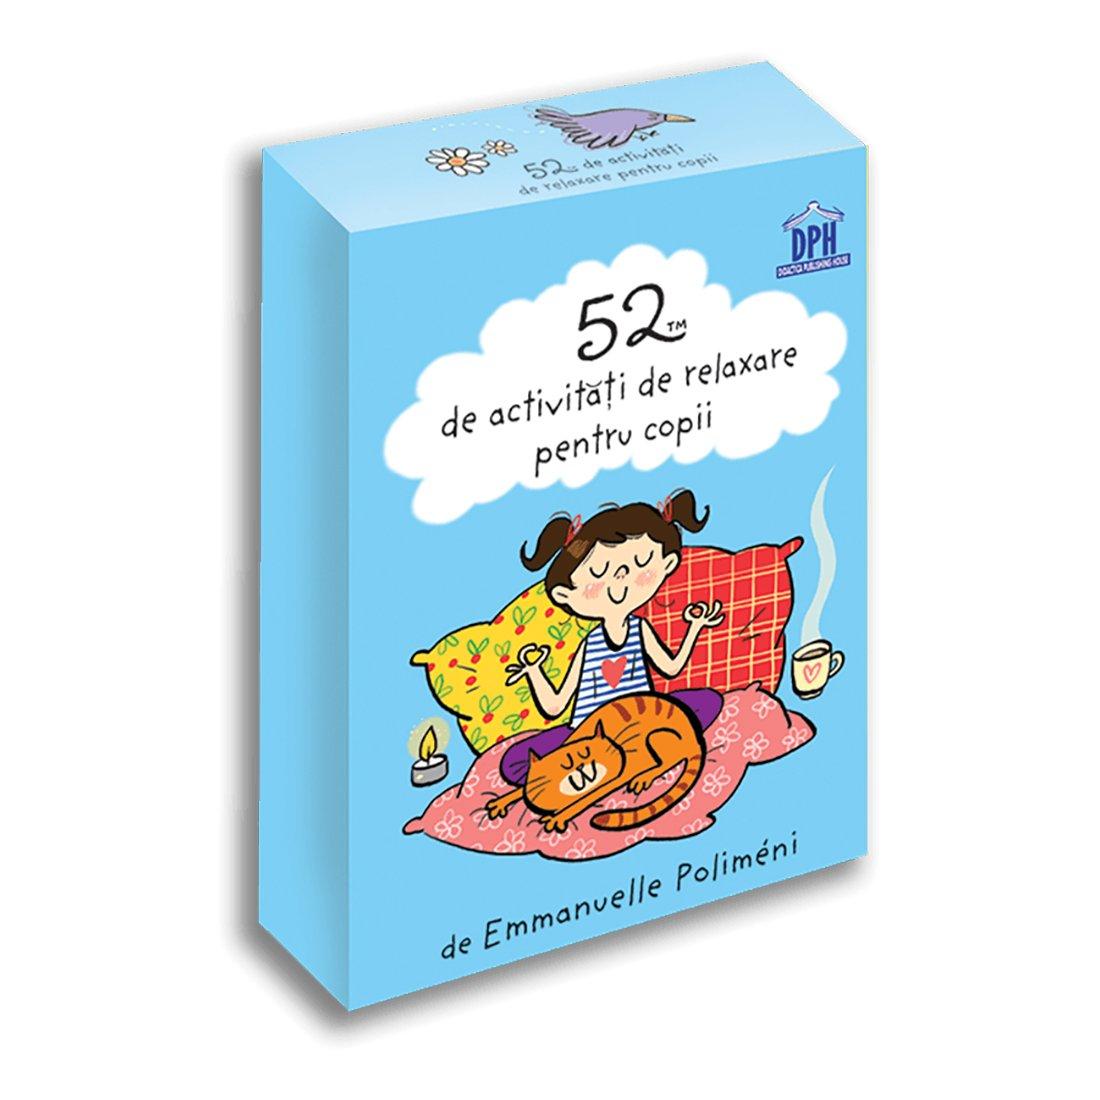 52 de activitati de relaxare pentru copii, Editura DPH